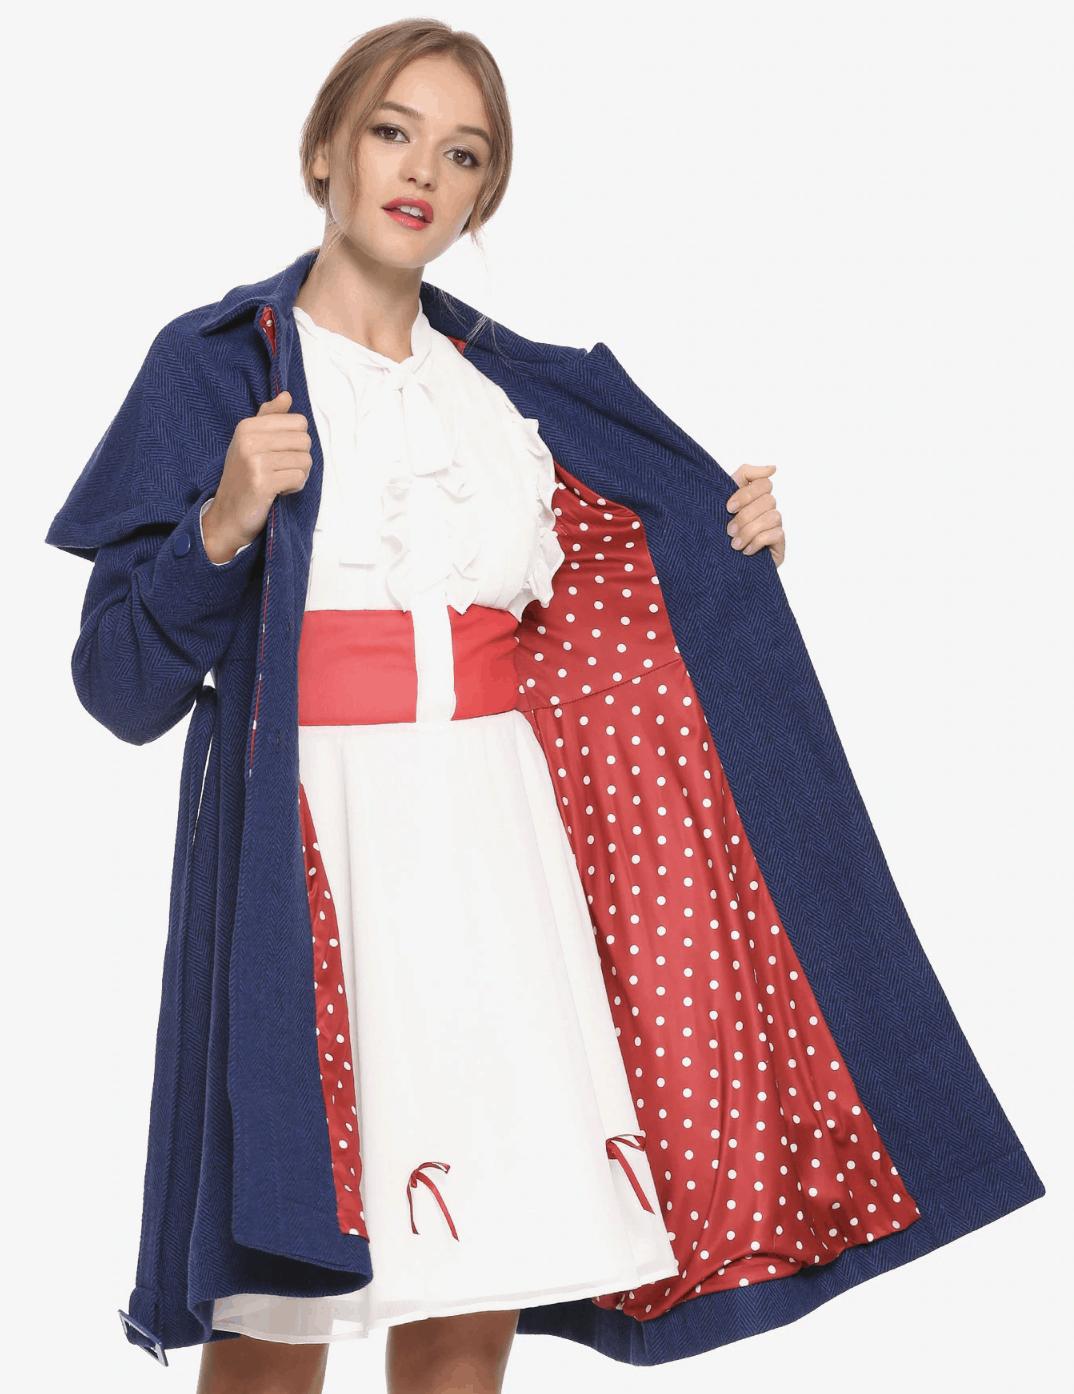 Mary Poppins Cosplay Coat